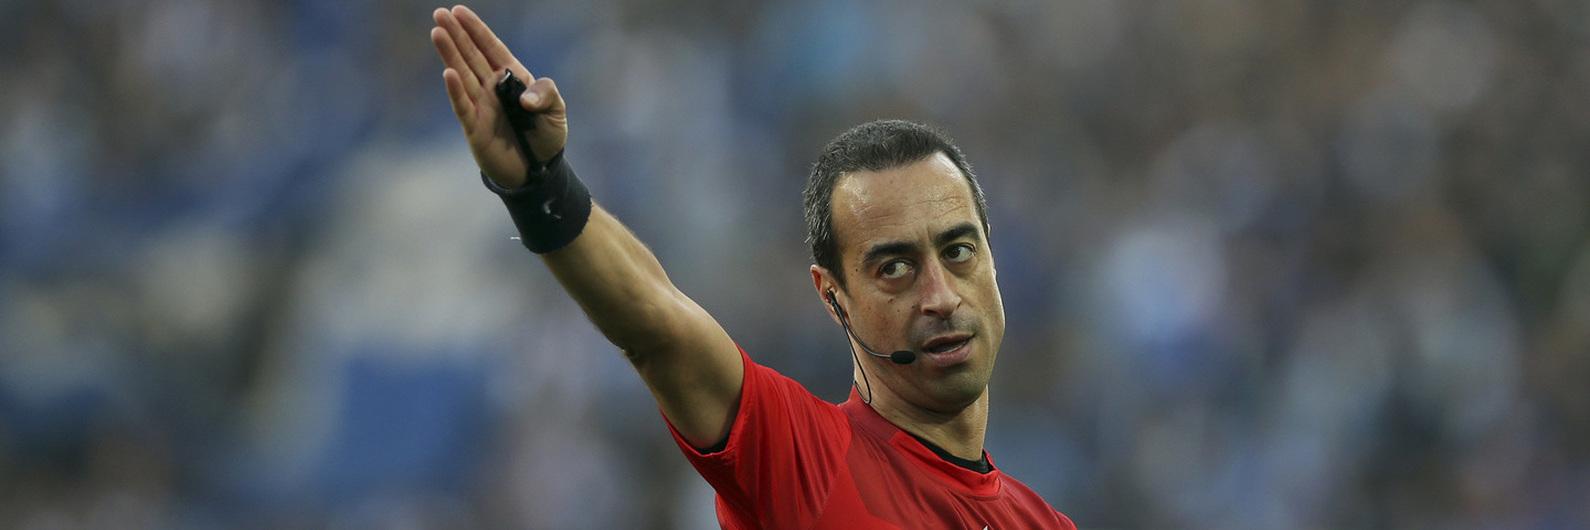 Jorge Sousa revela que recebeu 'ofertas' do Benfica e do Chaves